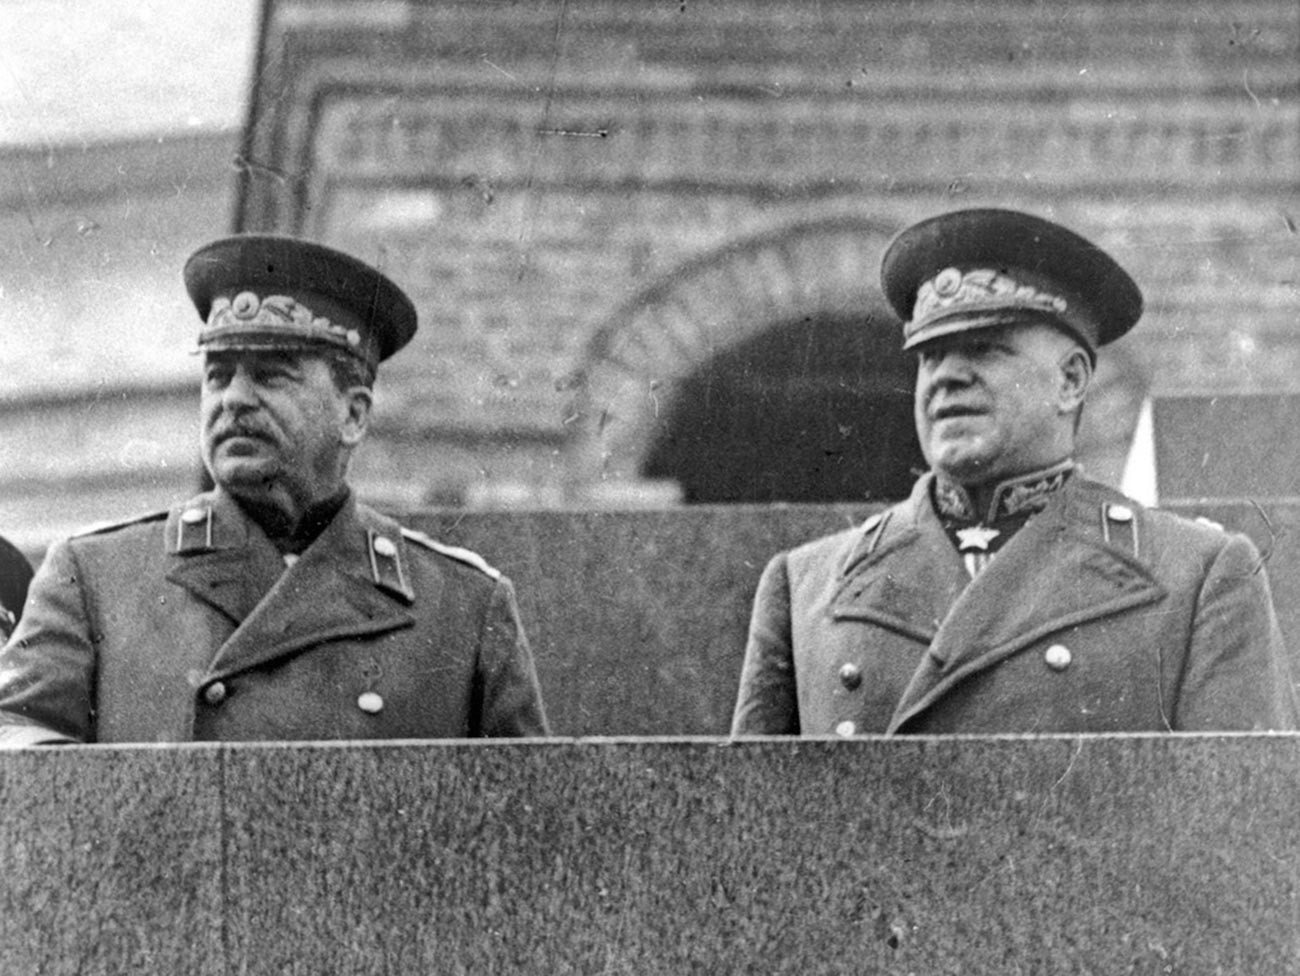 Јосиф Сталин и Георгиј Жуков на подиумот на мавзолејот на Парадата на Победата, Москва.